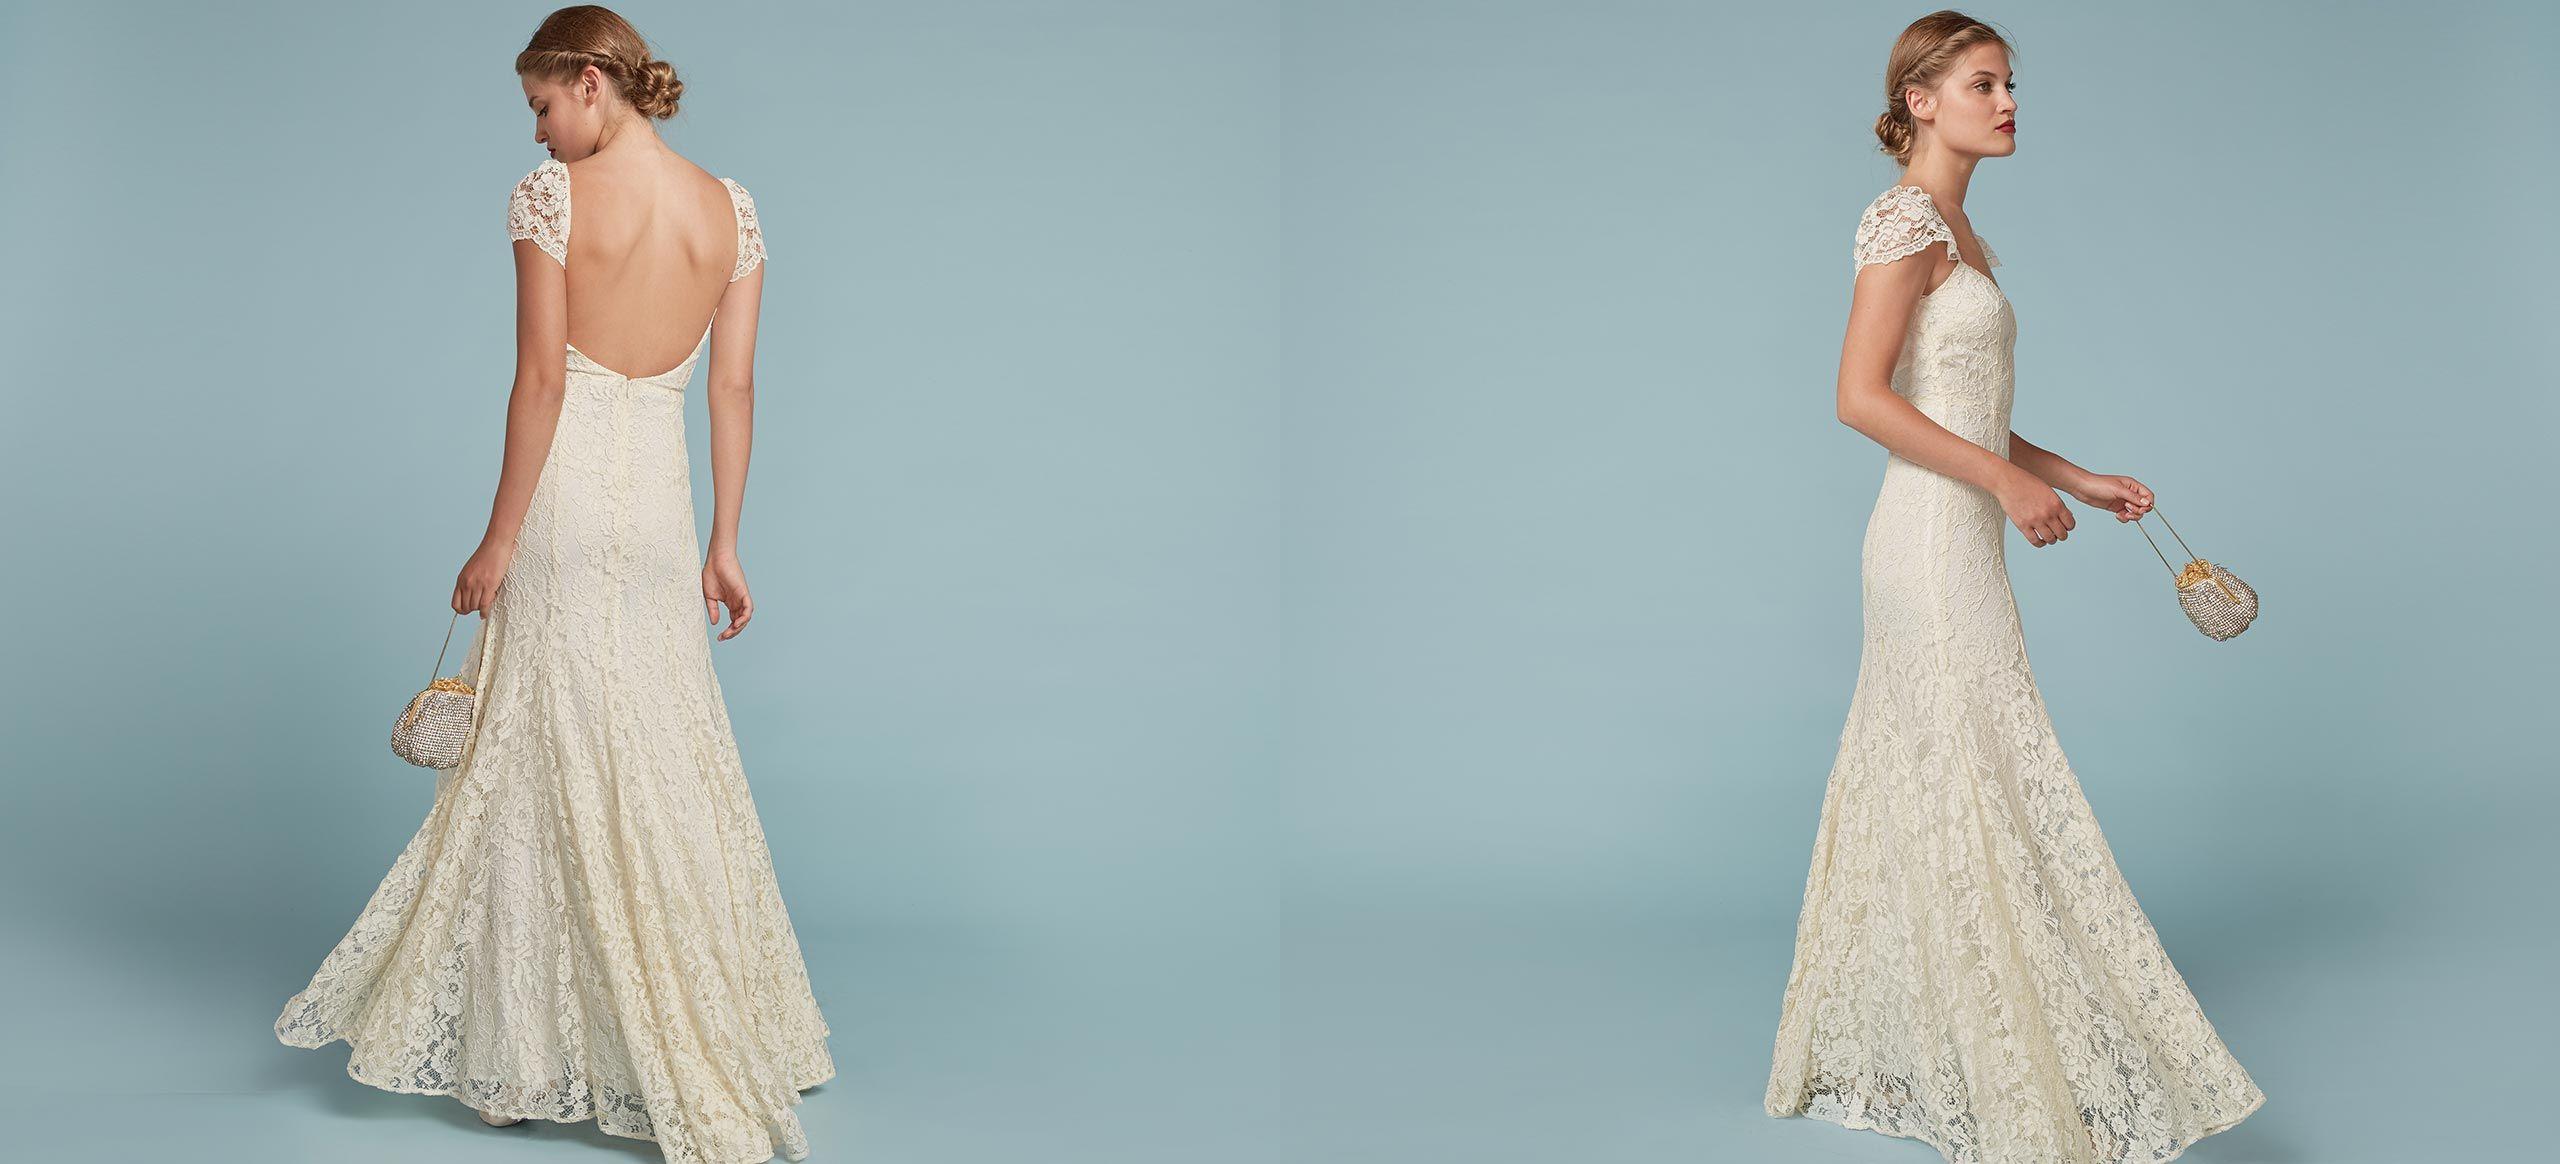 Ya hay vestidos de novia en Reformation